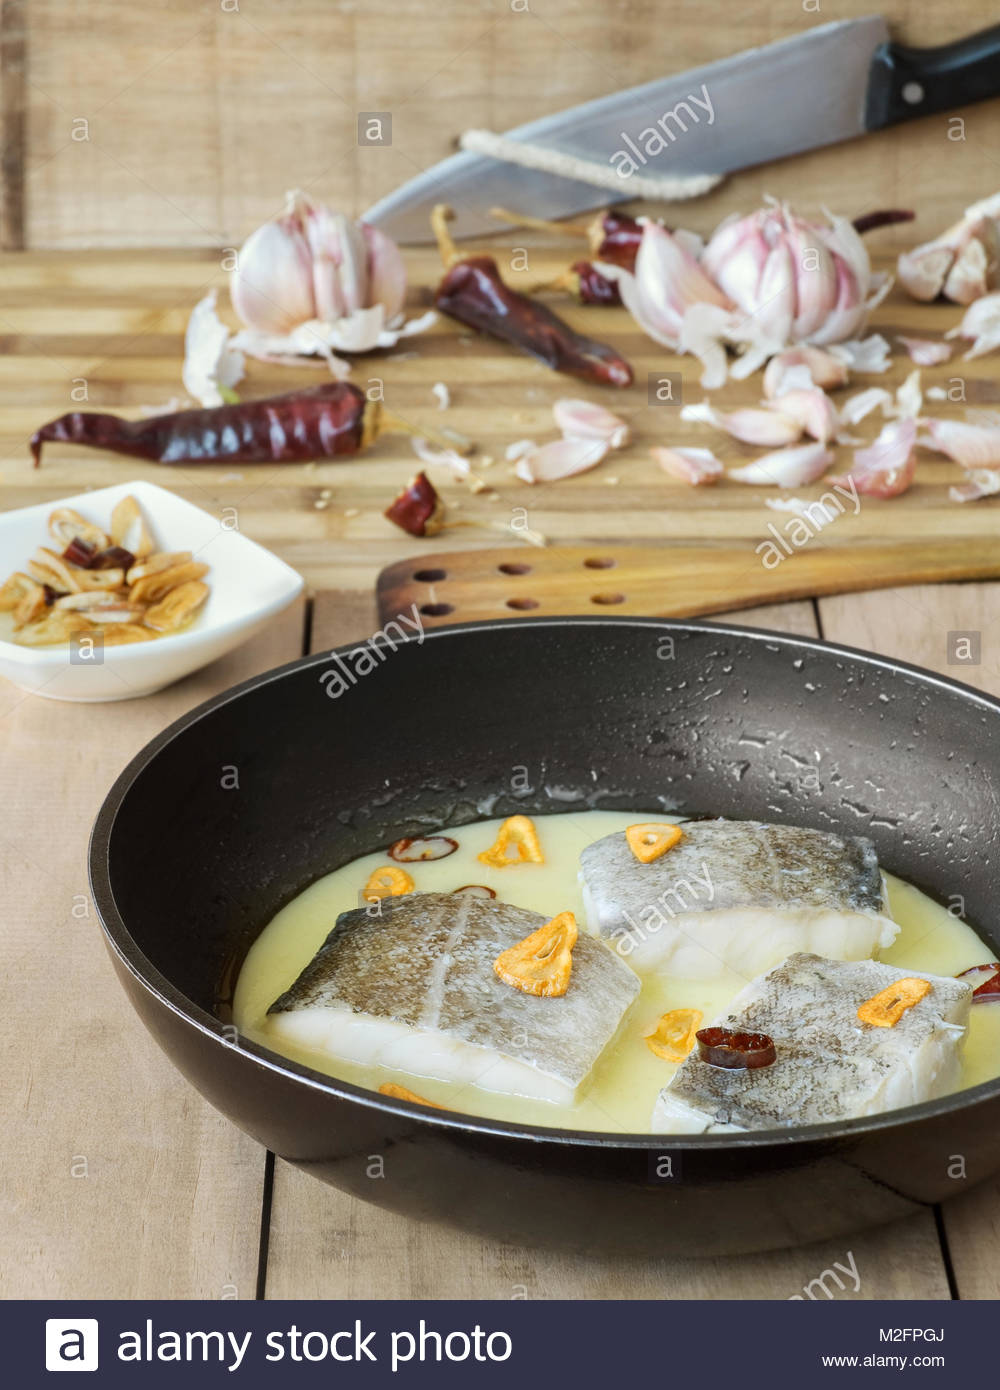 La Cocina Vasca | Bacalao Con Pil Pil La Cocina Vasca Foto Imagen De Stock